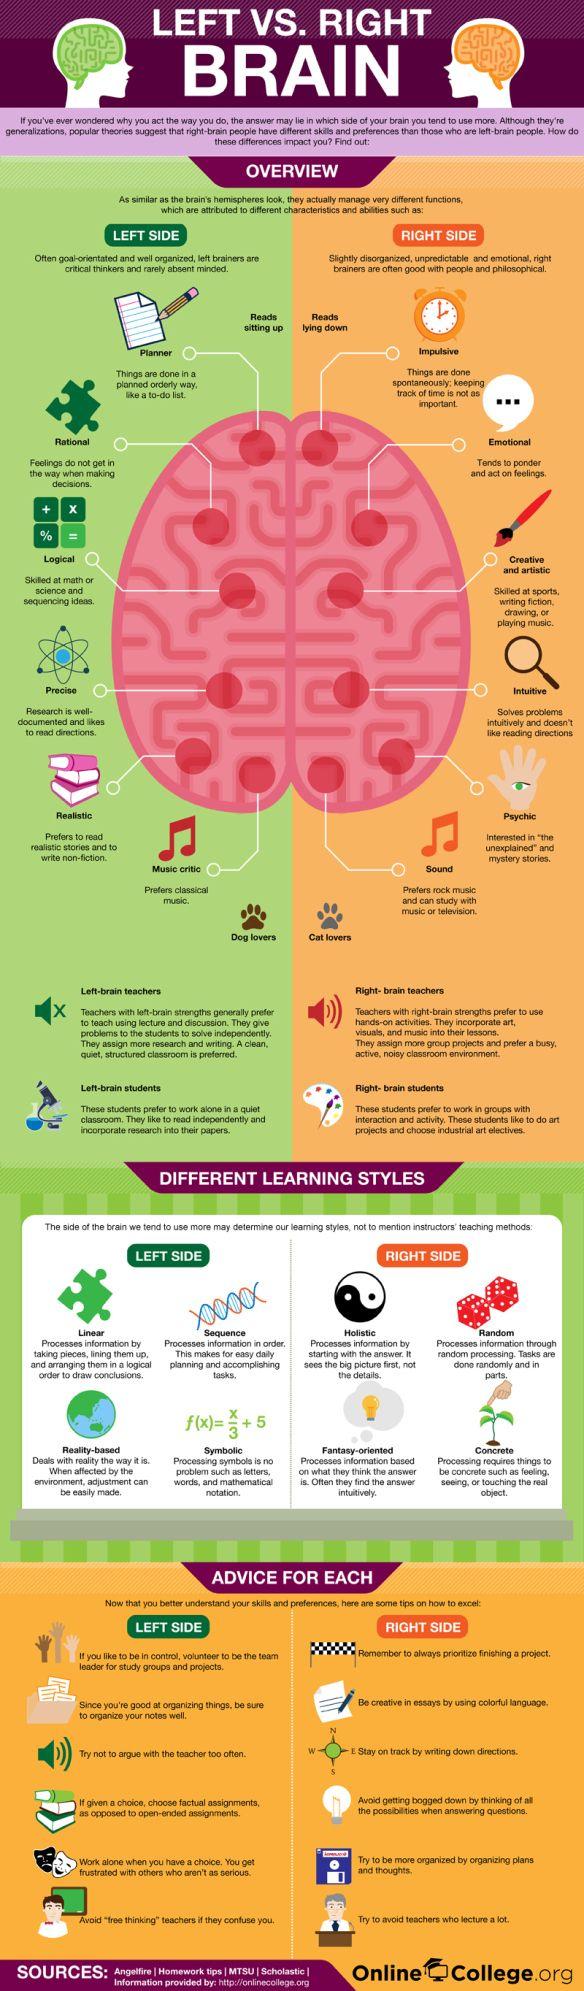 Learning- Left Brain or Right Brained | Honestgoodadvice's Blog